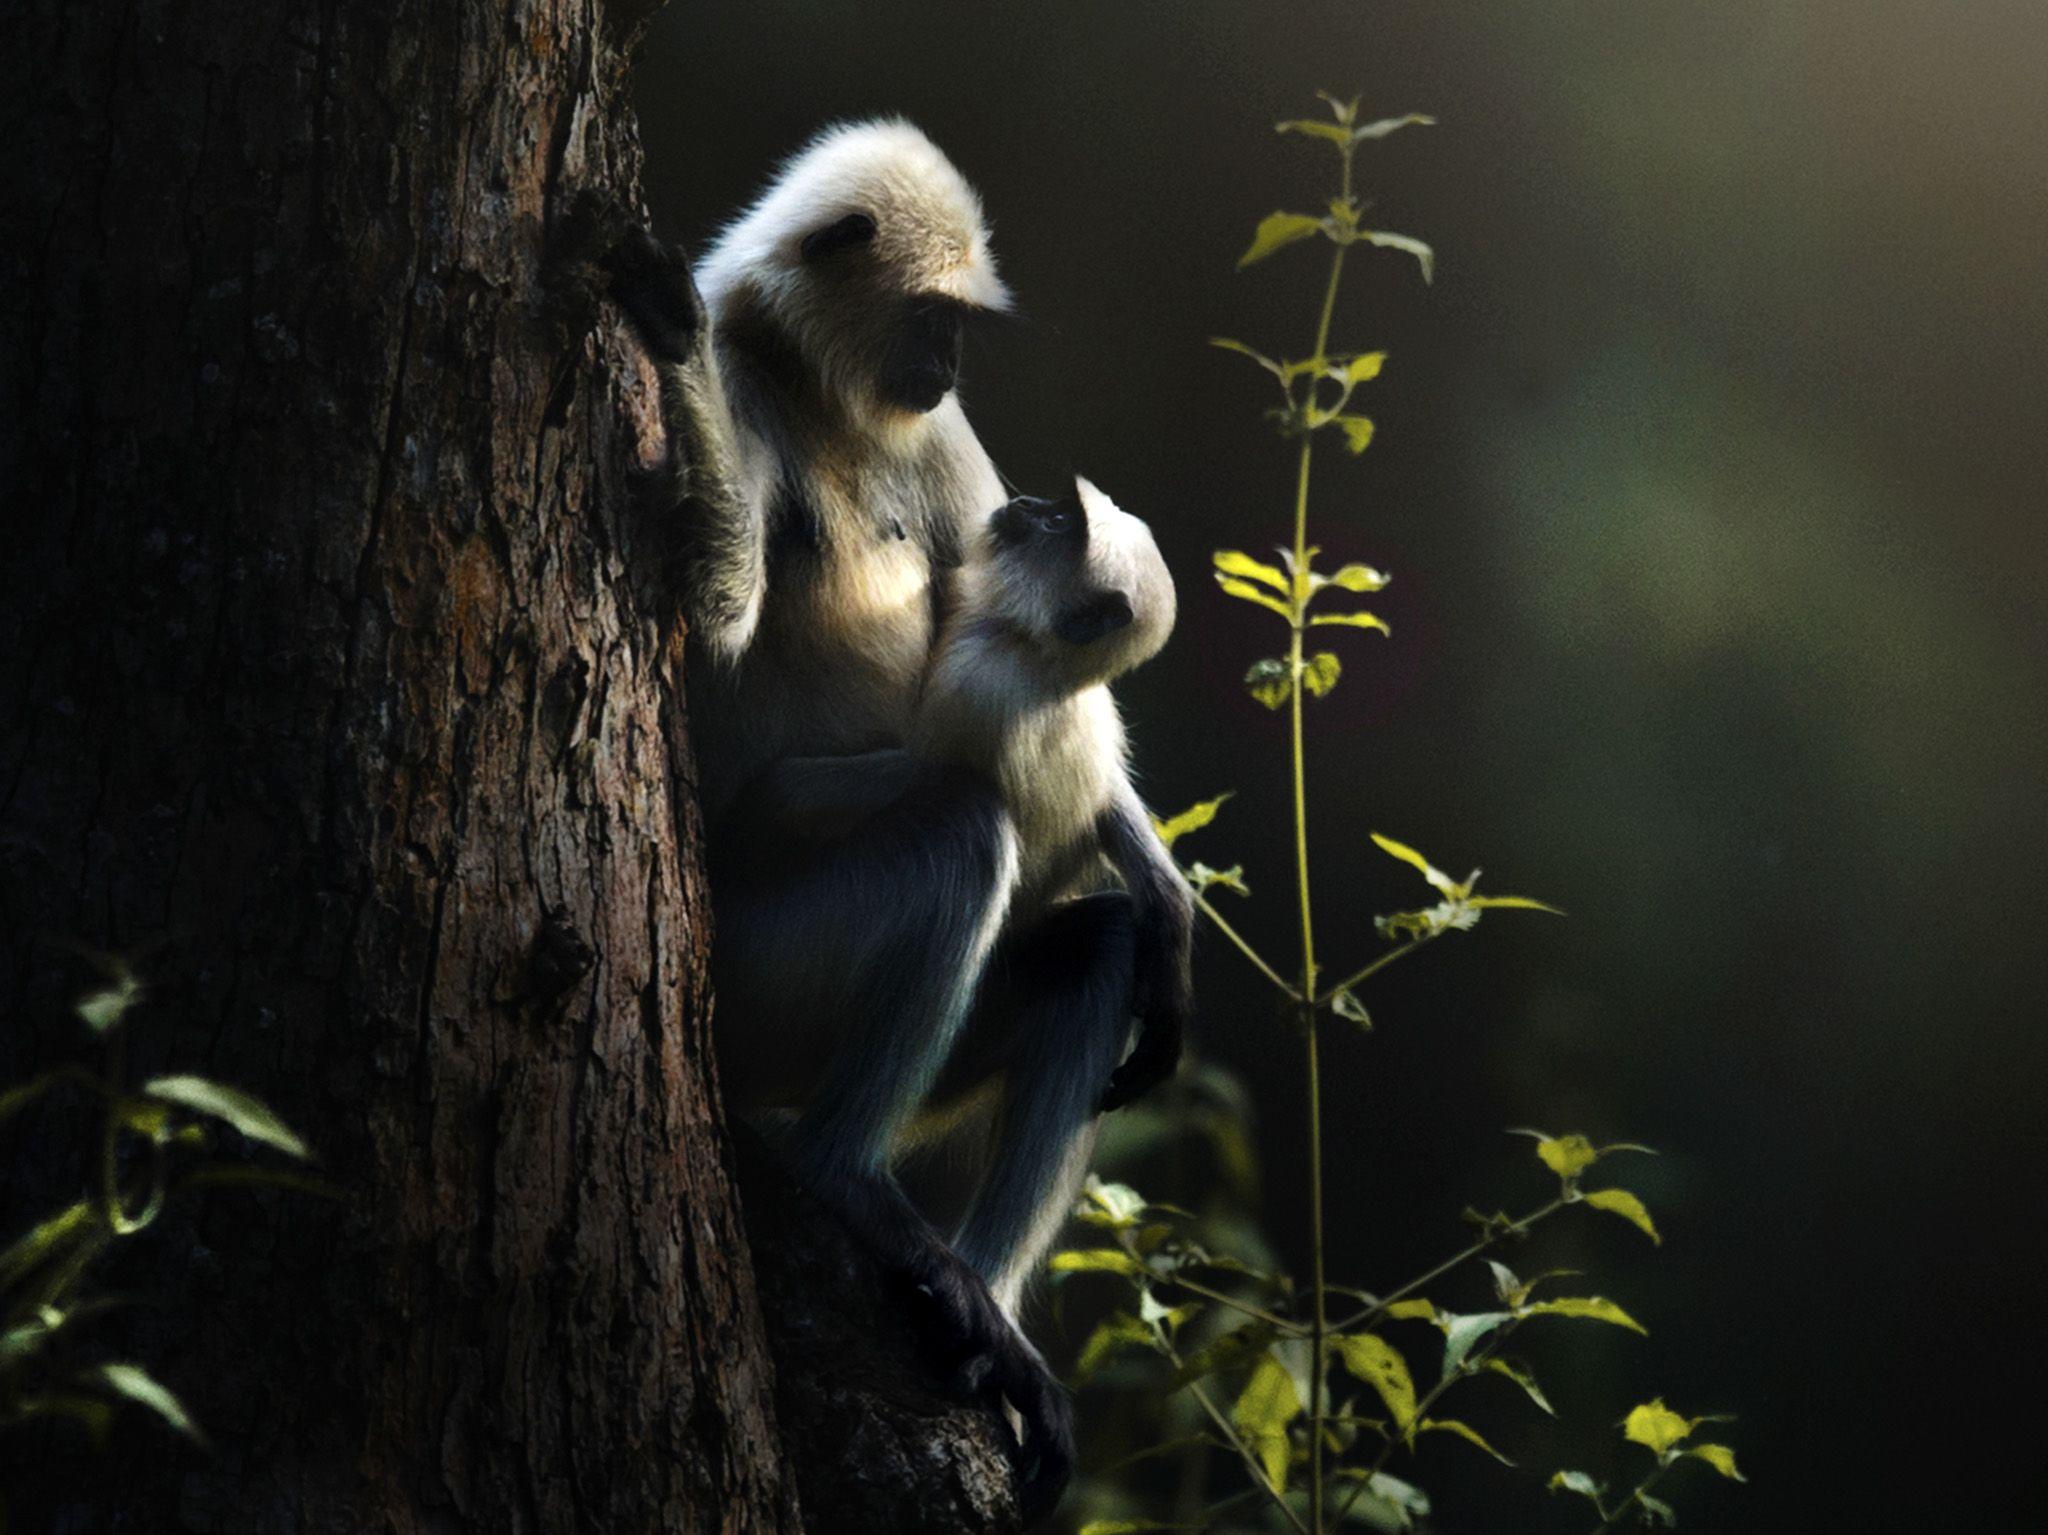 أنثى اللانجور تجلس على فرع إحدى الأشجار حاملةً... [Photo of the day - يناير 2020]